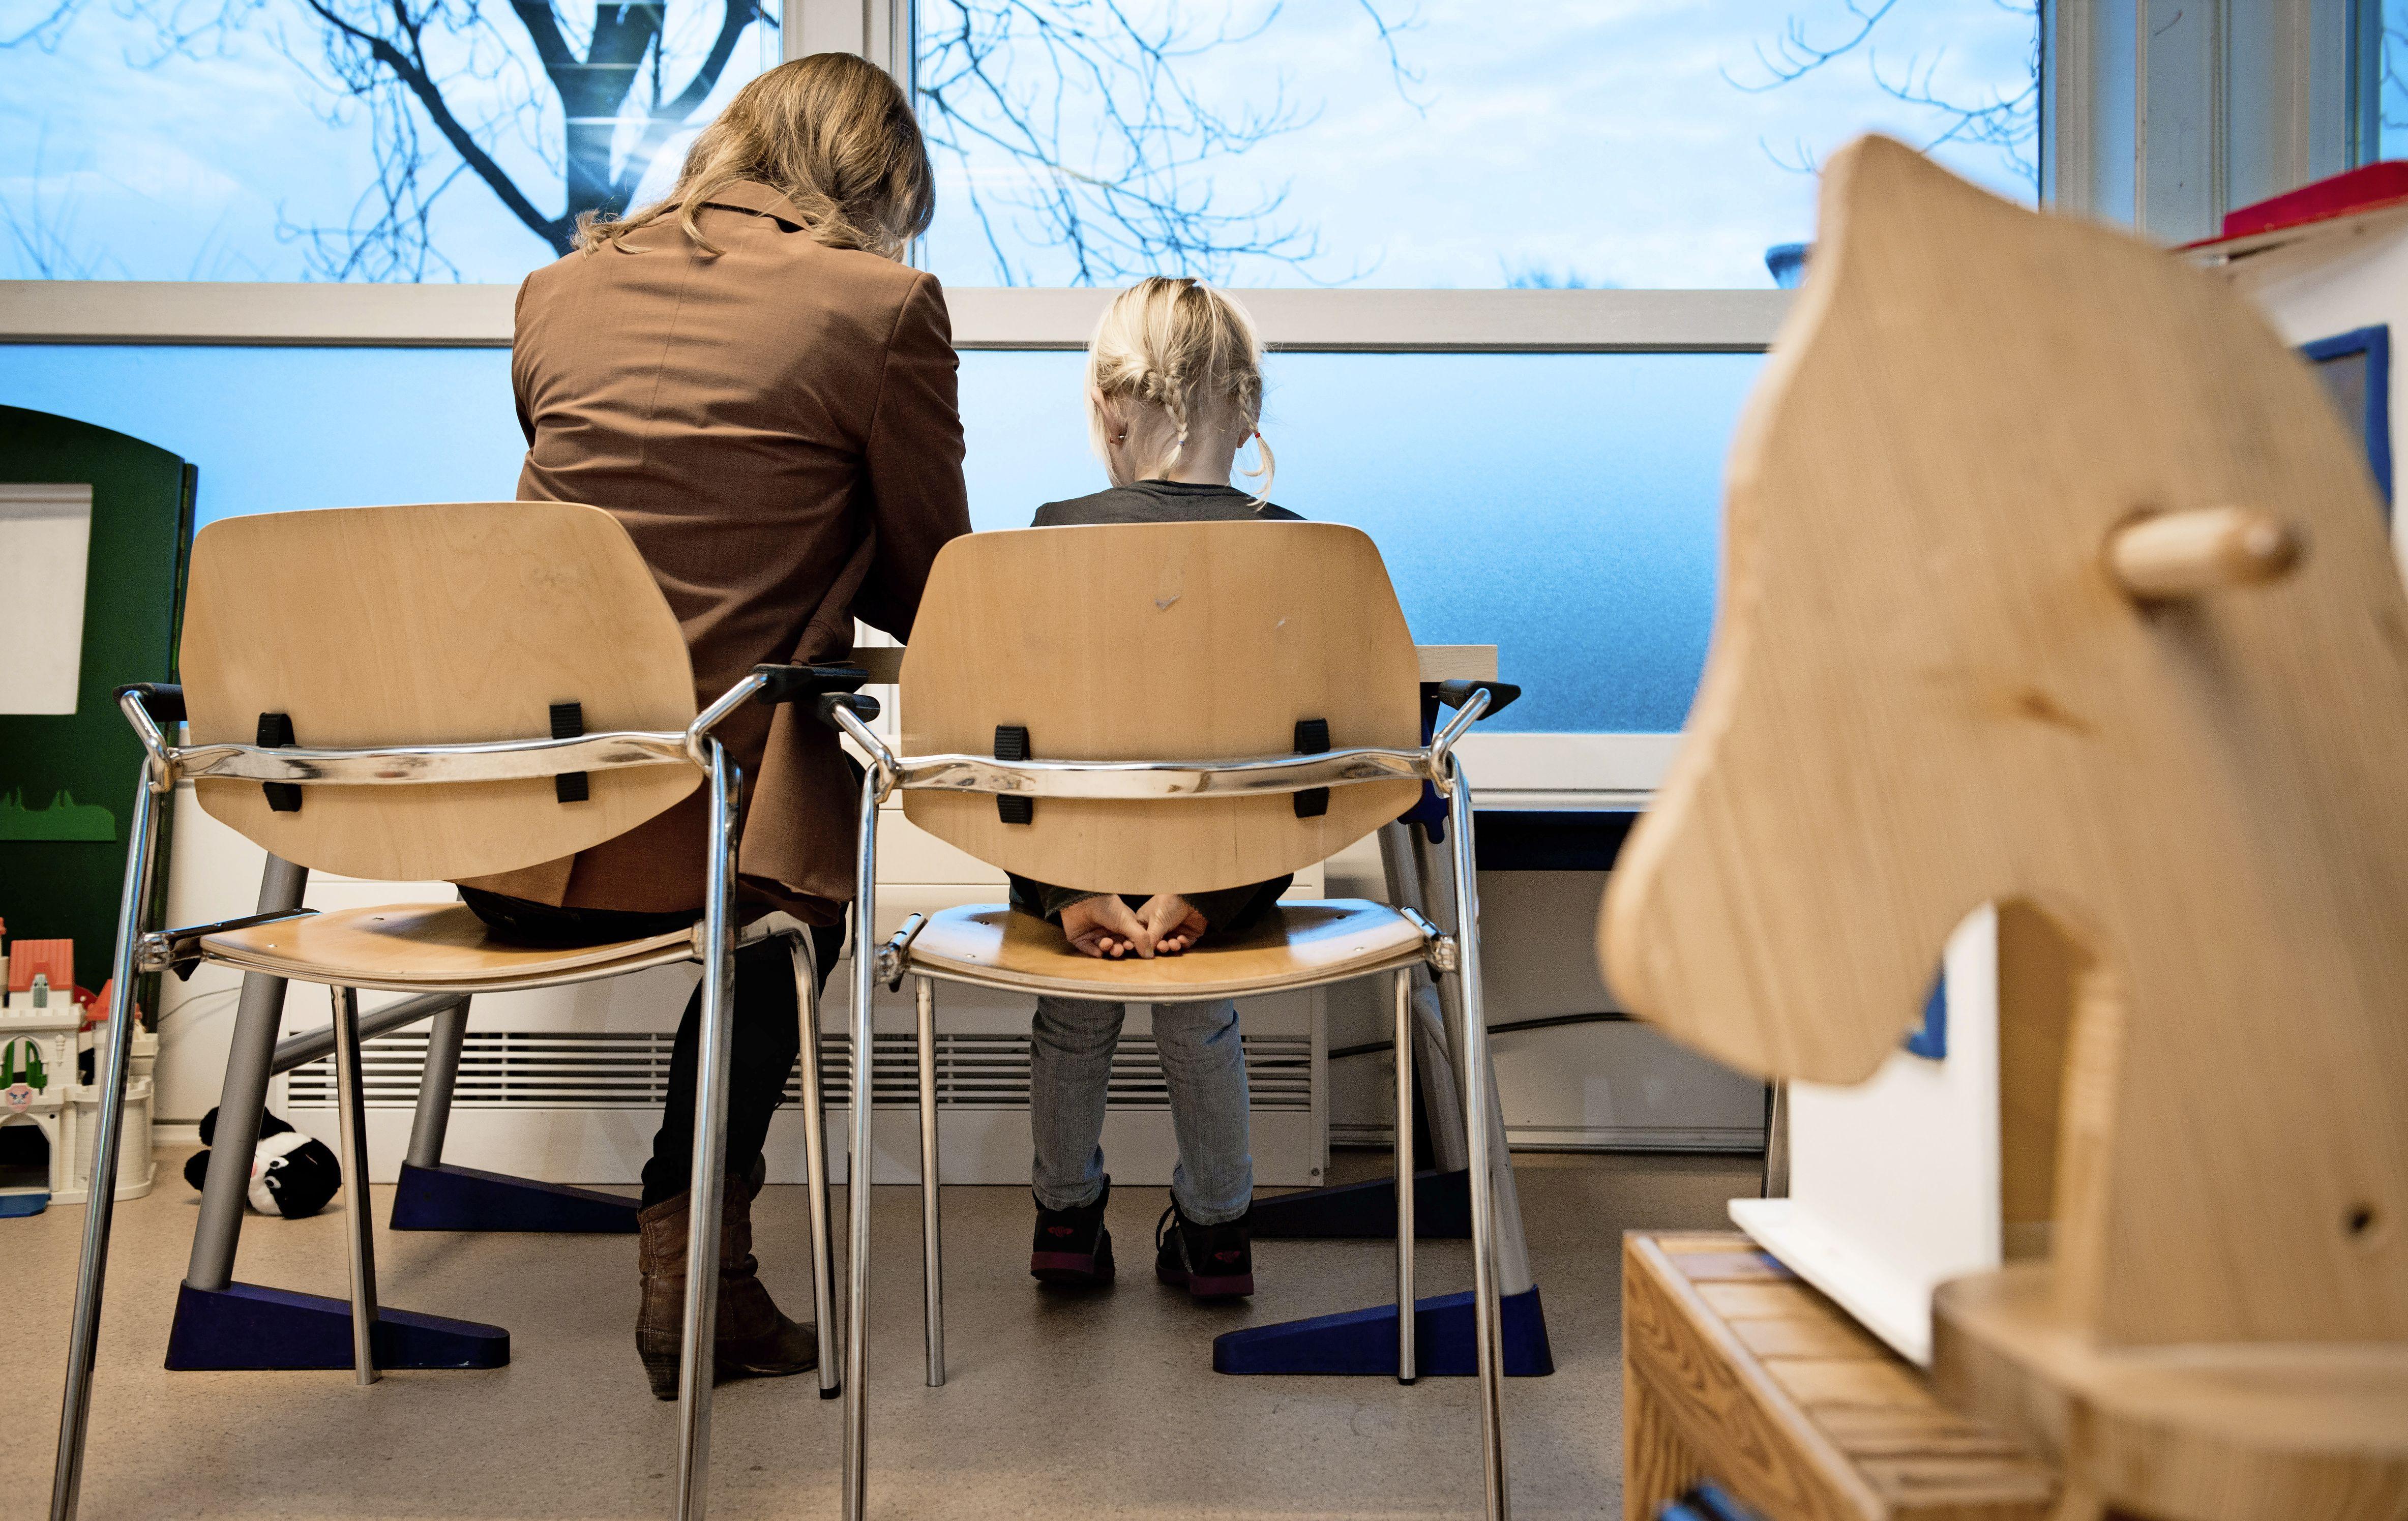 Aantal jongeren dat jeugdzorg ontvangt voor het eerst afgenomen, relatief meeste jongeren in jeugdzorg in Hoorn en Stede Broec